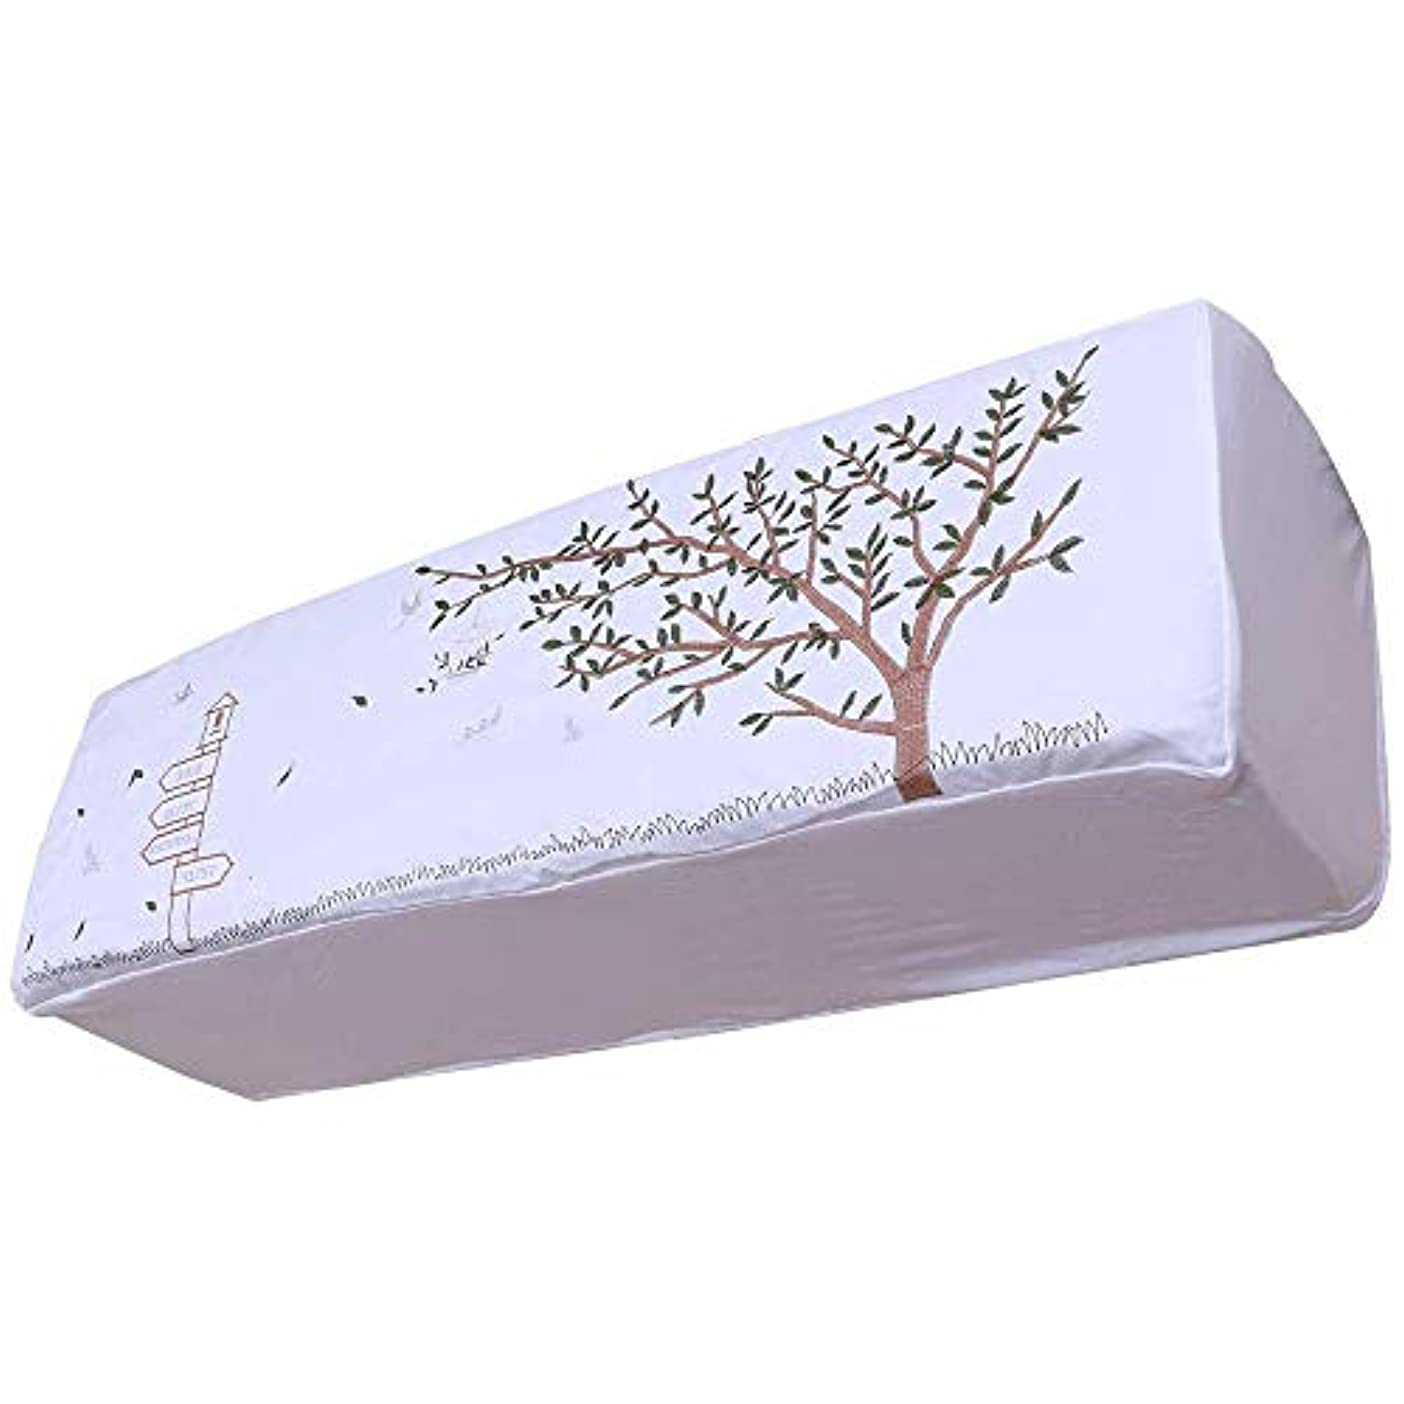 オゾン側シュート1個 セット 刺繍樹木 エレガント おしゃれ エアコンカバー 室内用 室内機カバー家電防塵カバー